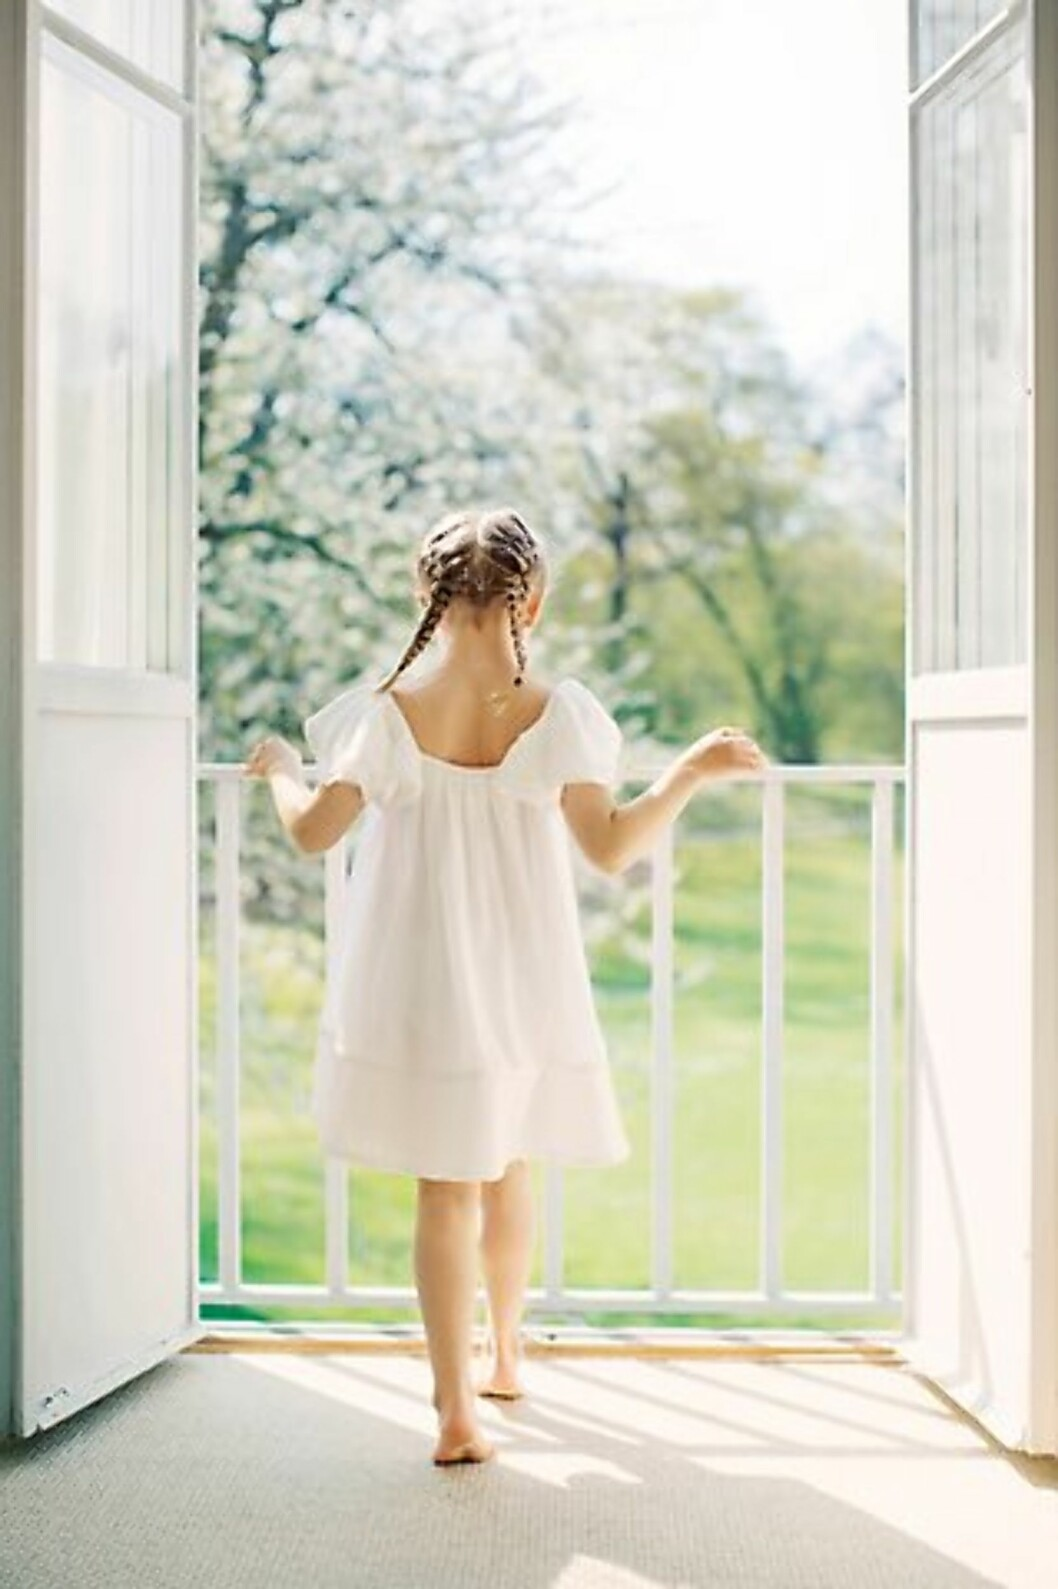 FLETTER: Prinsesse Estelle hadde gått for flette-looken, som også er populær hos vår egen prinsesse Ingrid Alexandra.  Foto: Erika Gerdemark / Kungahuset.se